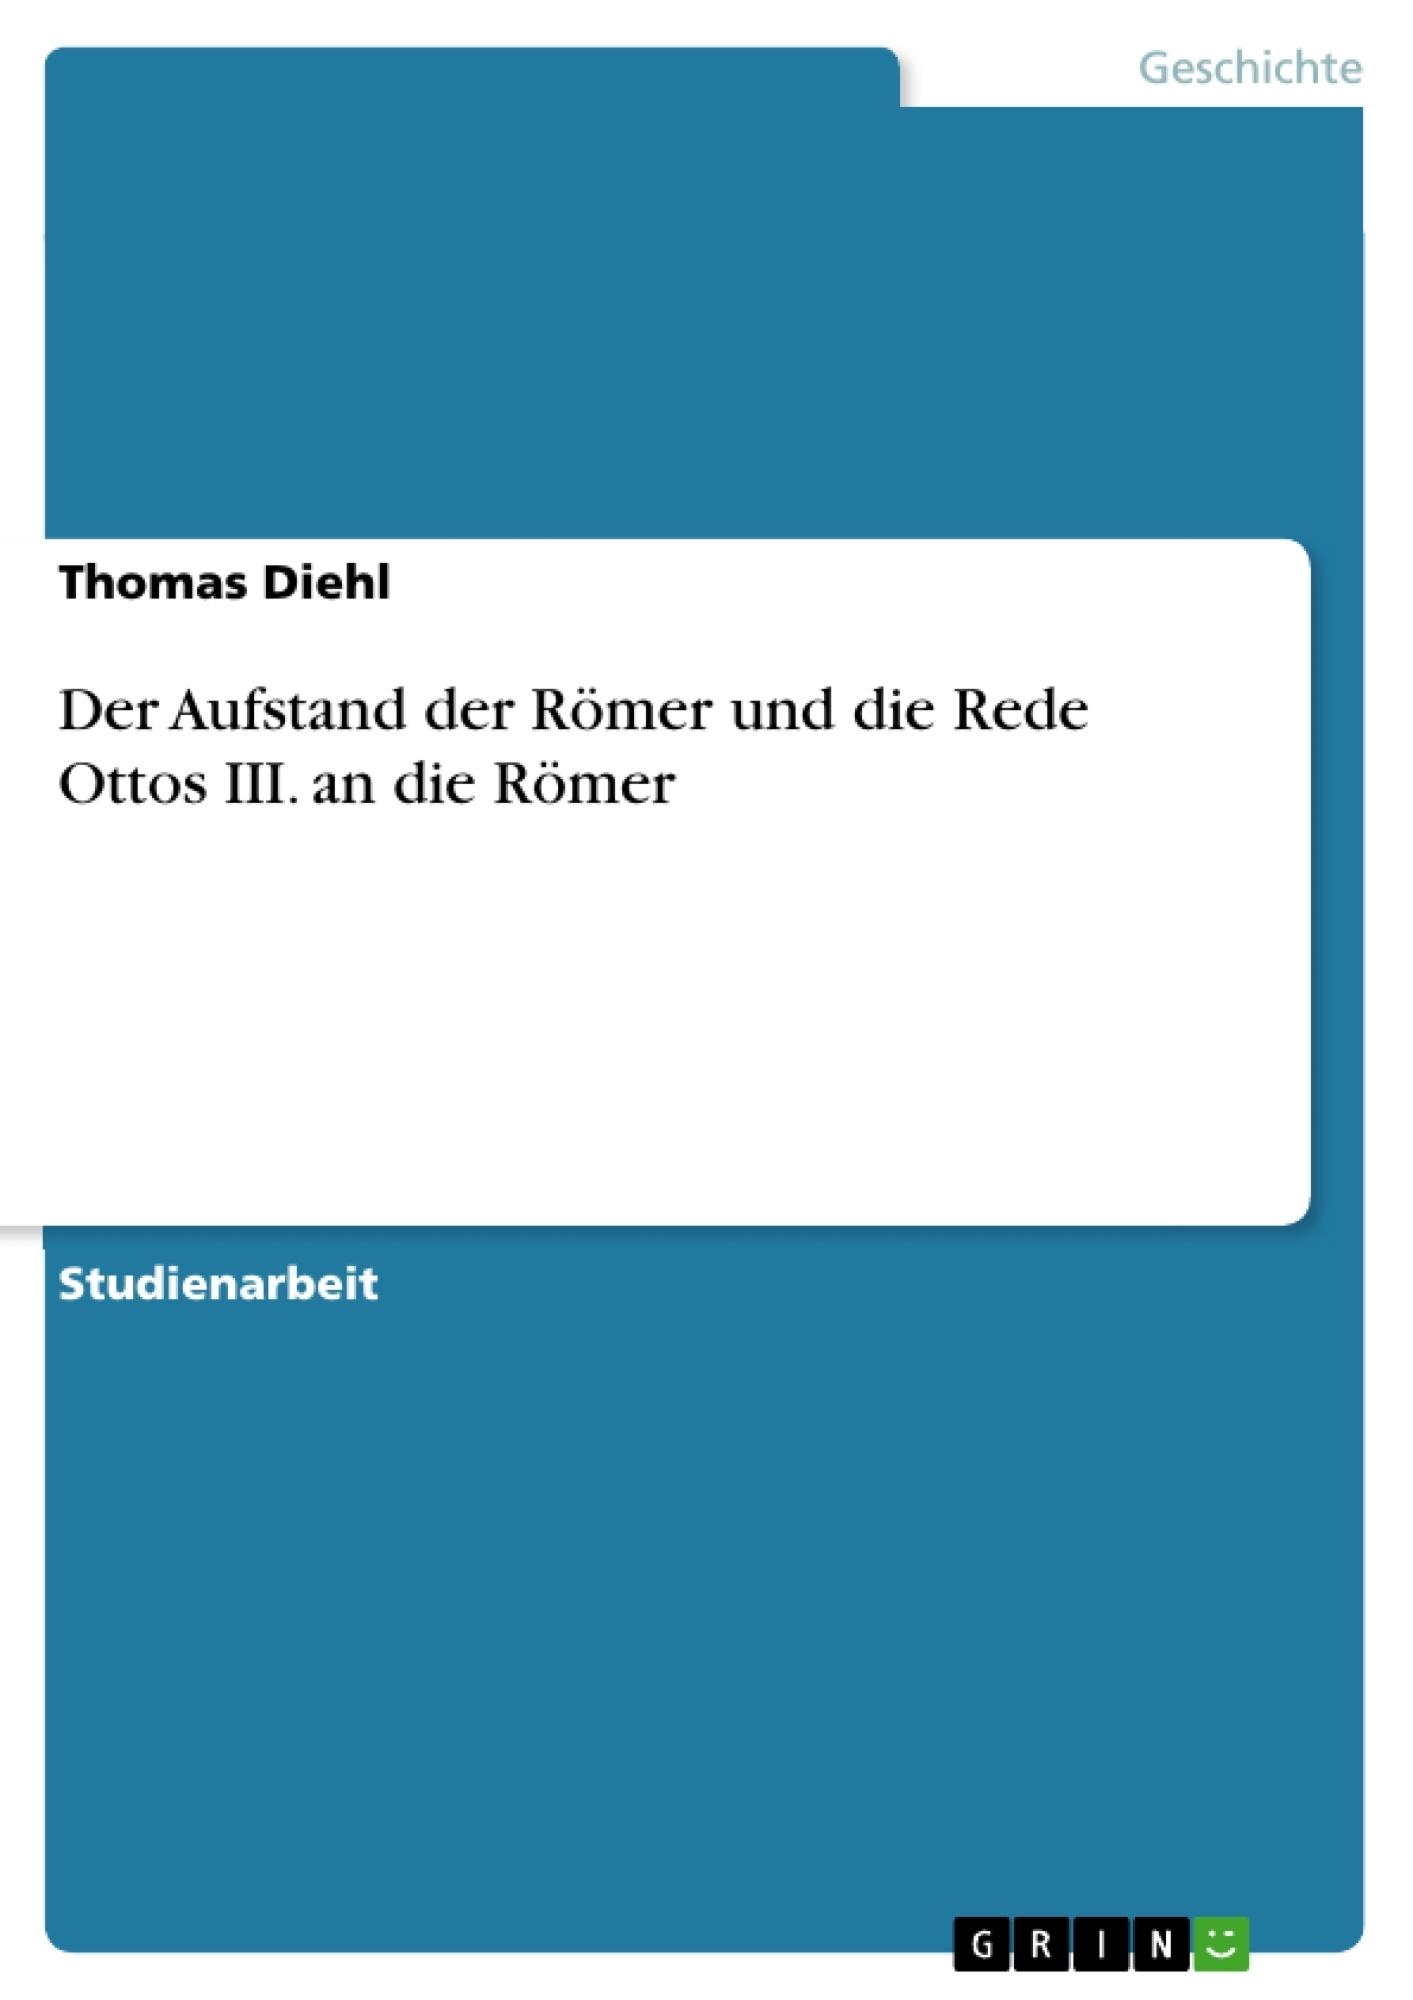 Titel: Der Aufstand der Römer und die Rede Ottos III. an die Römer